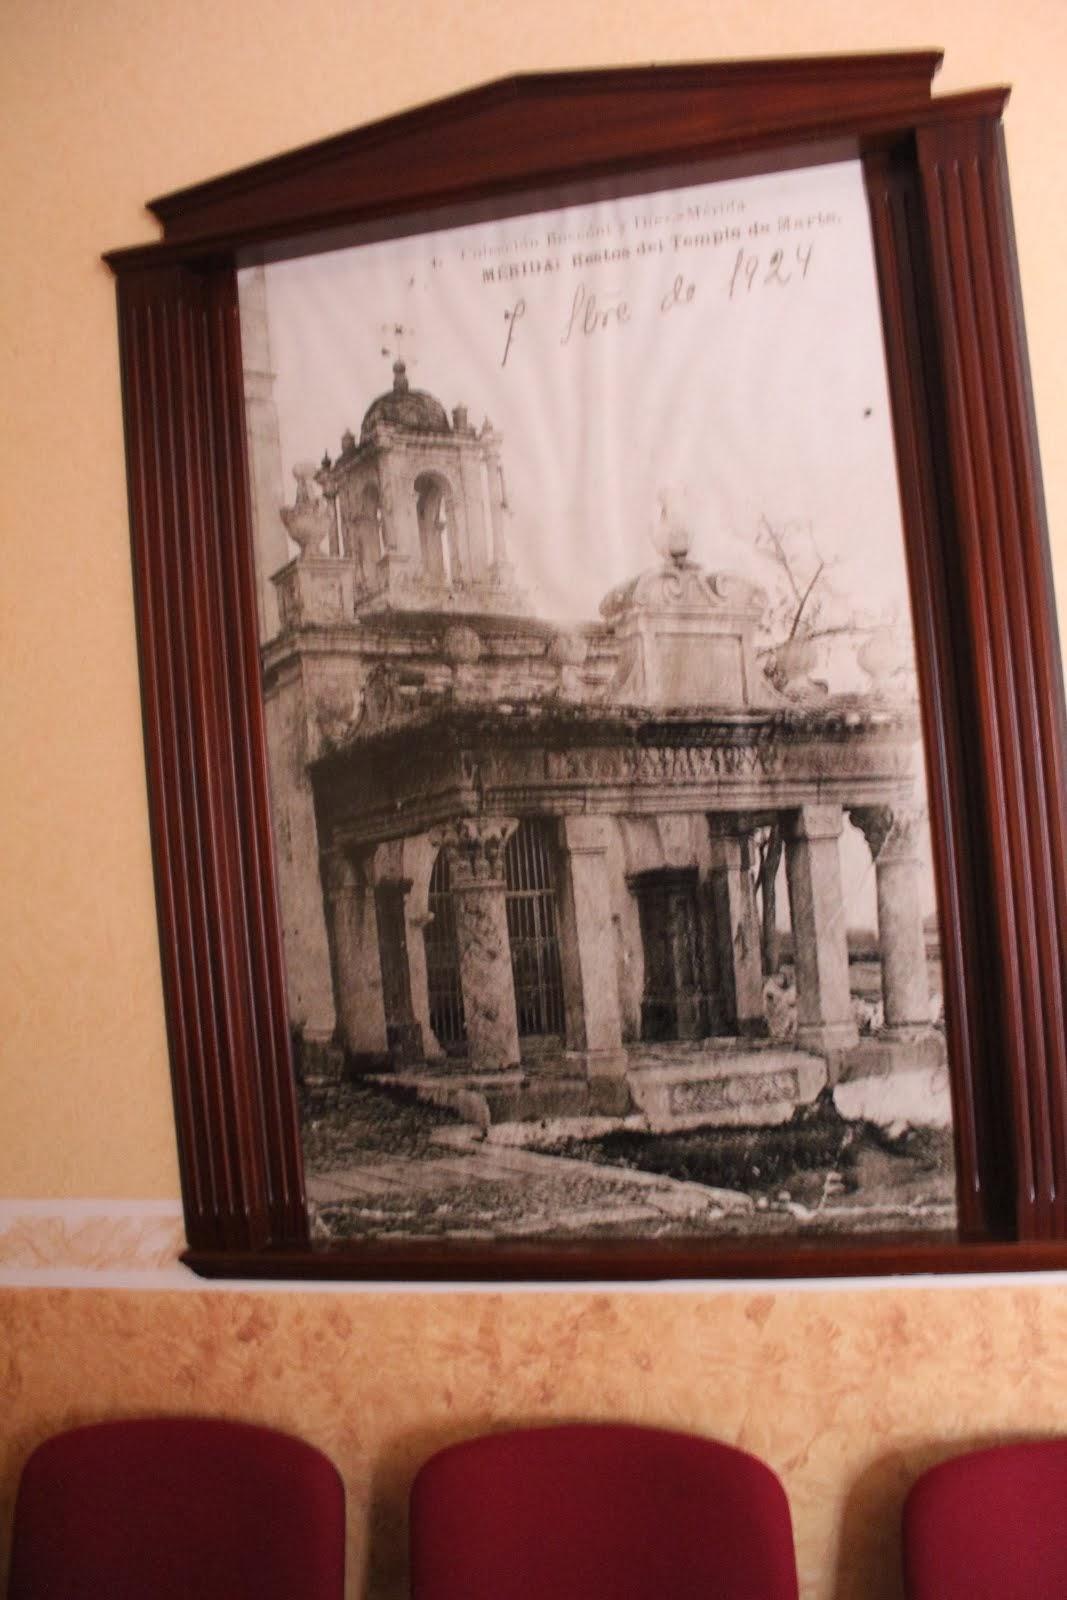 Fotografía de una Fotogradía del Hornito por Boccóni en Casa de la Igflesia.